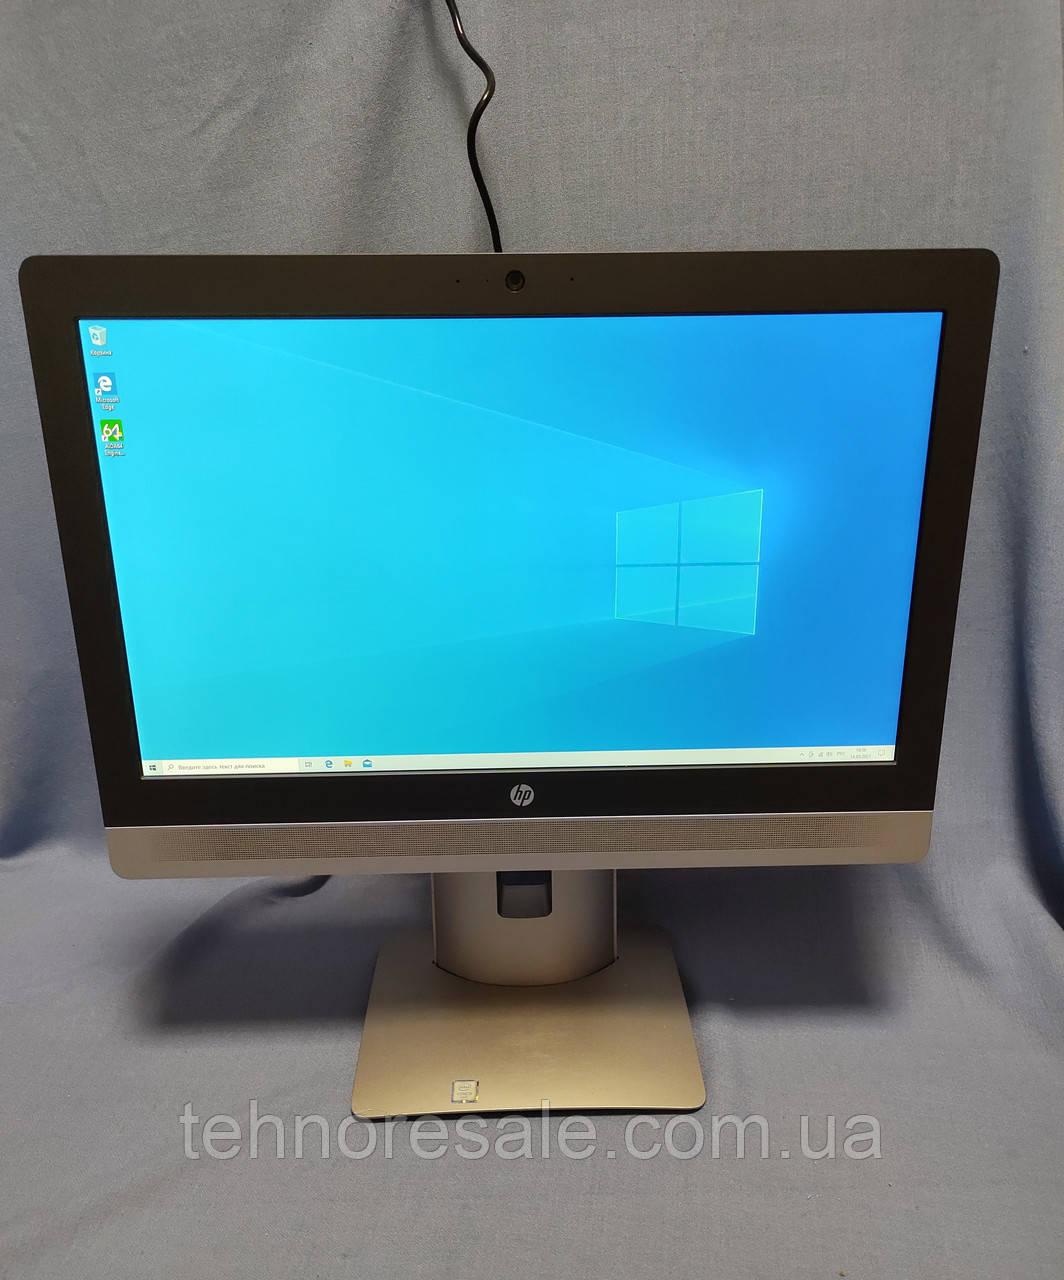 Моноблок HP ProOne 600 G2, 22'', i5-6500, DDR4 8Gb, SSD 256Gb, Wi-Fi, вебкамера+мікрофон